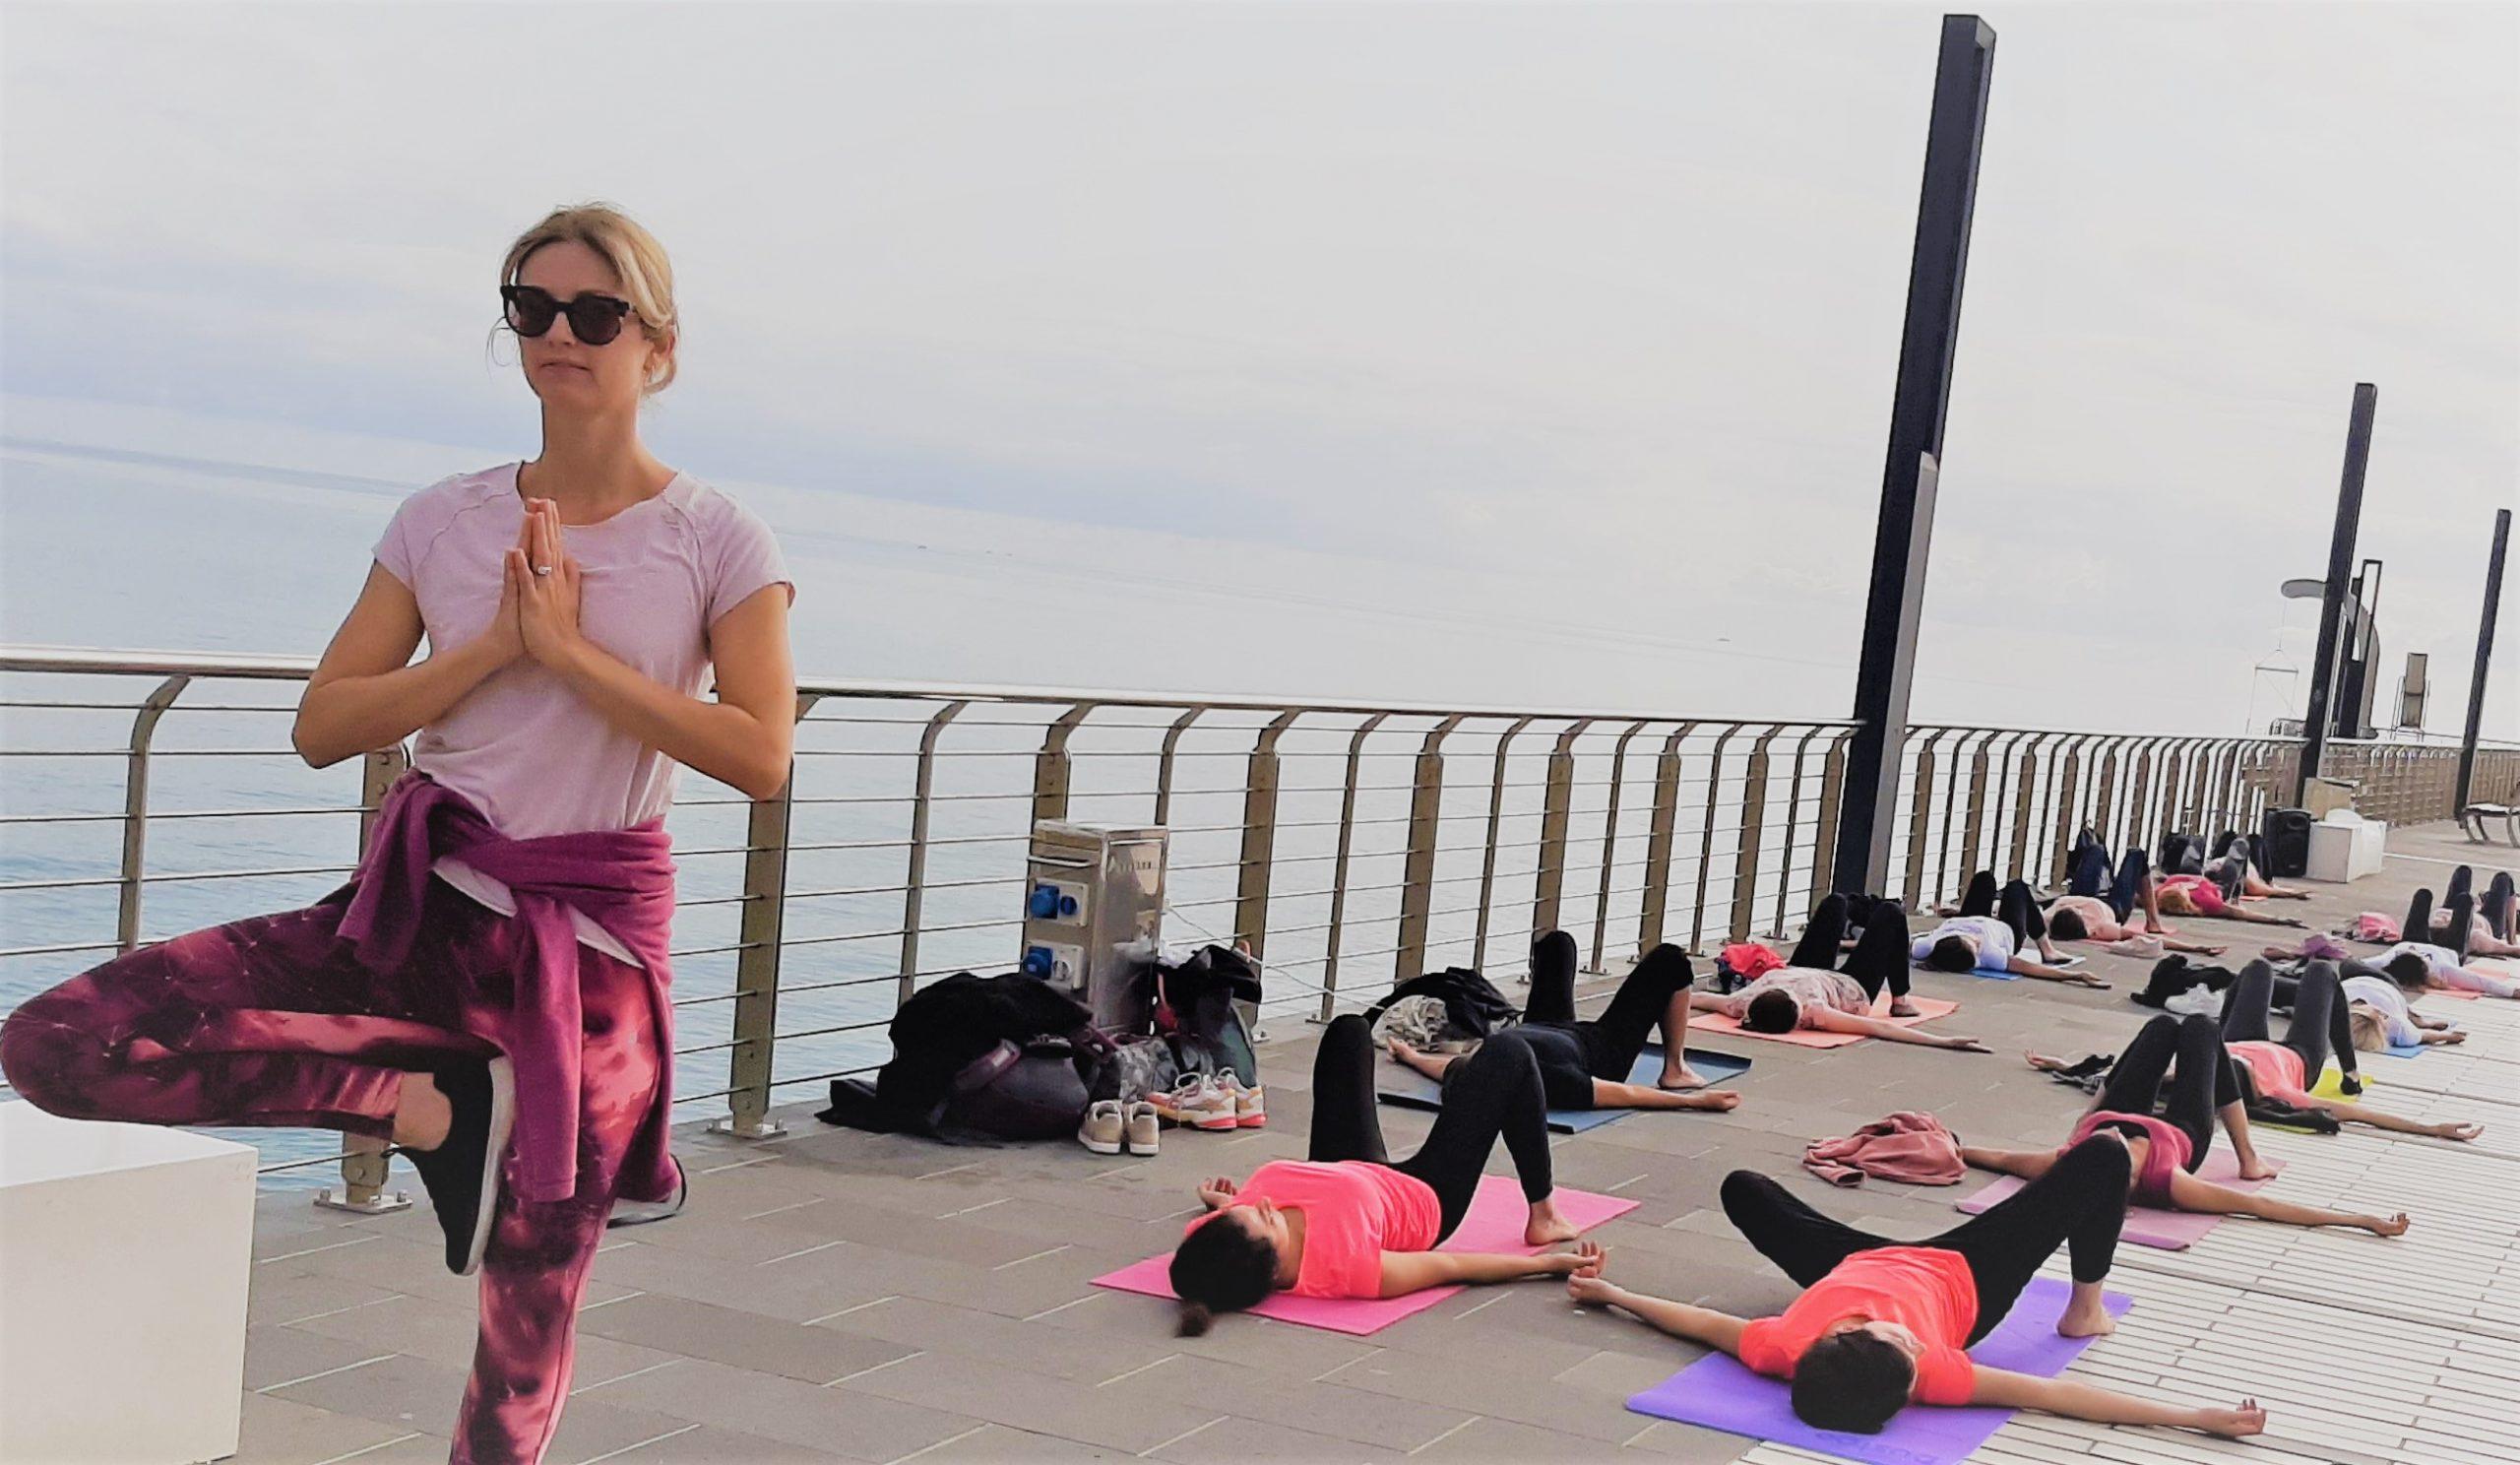 essere-yoga-benessere-lucia-ragazzi-hatha-vinyasa-donare-regalare-compleanno-free-giorgia-home-casa-online-femminile-gravidanza-meditation-alassio-